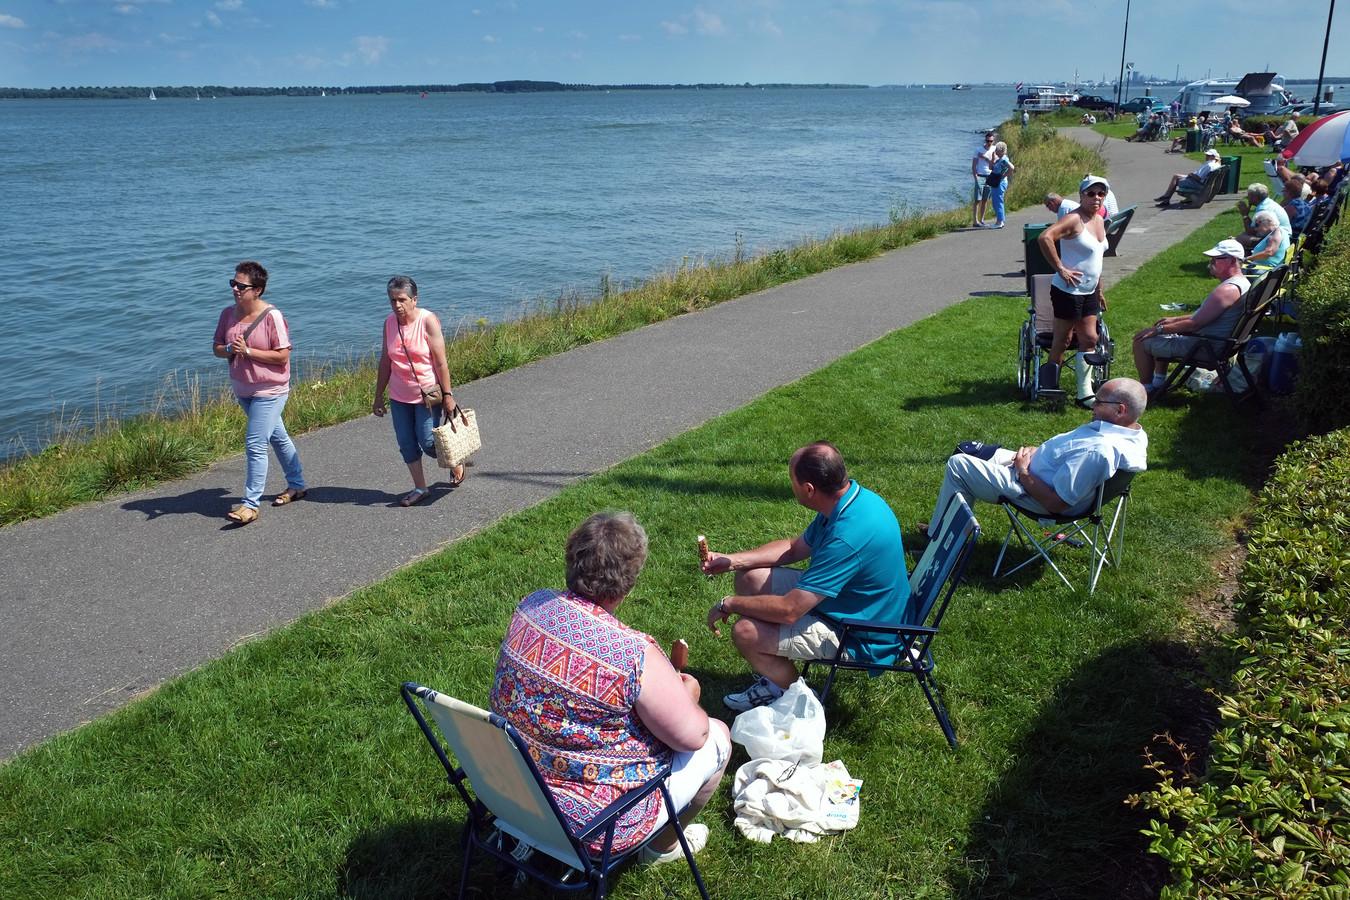 Dagjesmensen zoeken verkoeling aan het water van het Hollands Diep in Willemstad.  Dit water is ook het domein van de oudere leden van de scouting Willemstad.